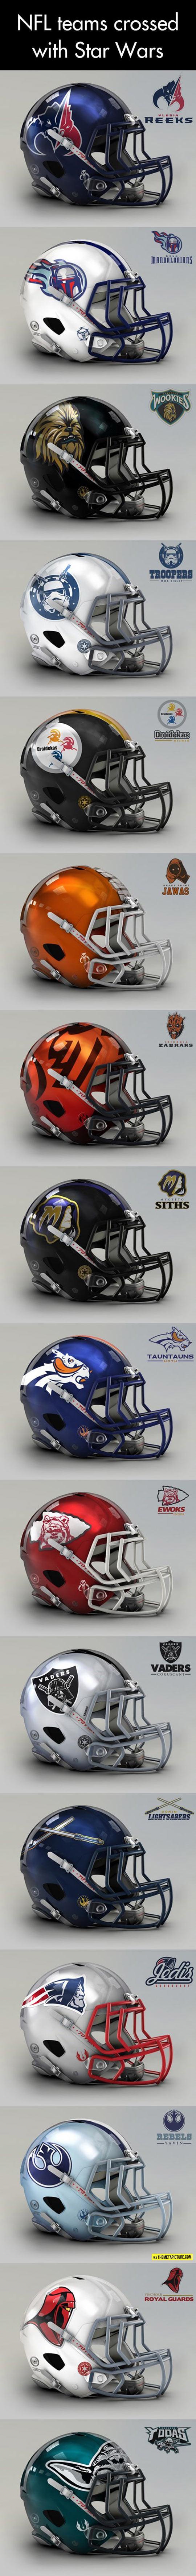 NFL Teams Meet Star Wars